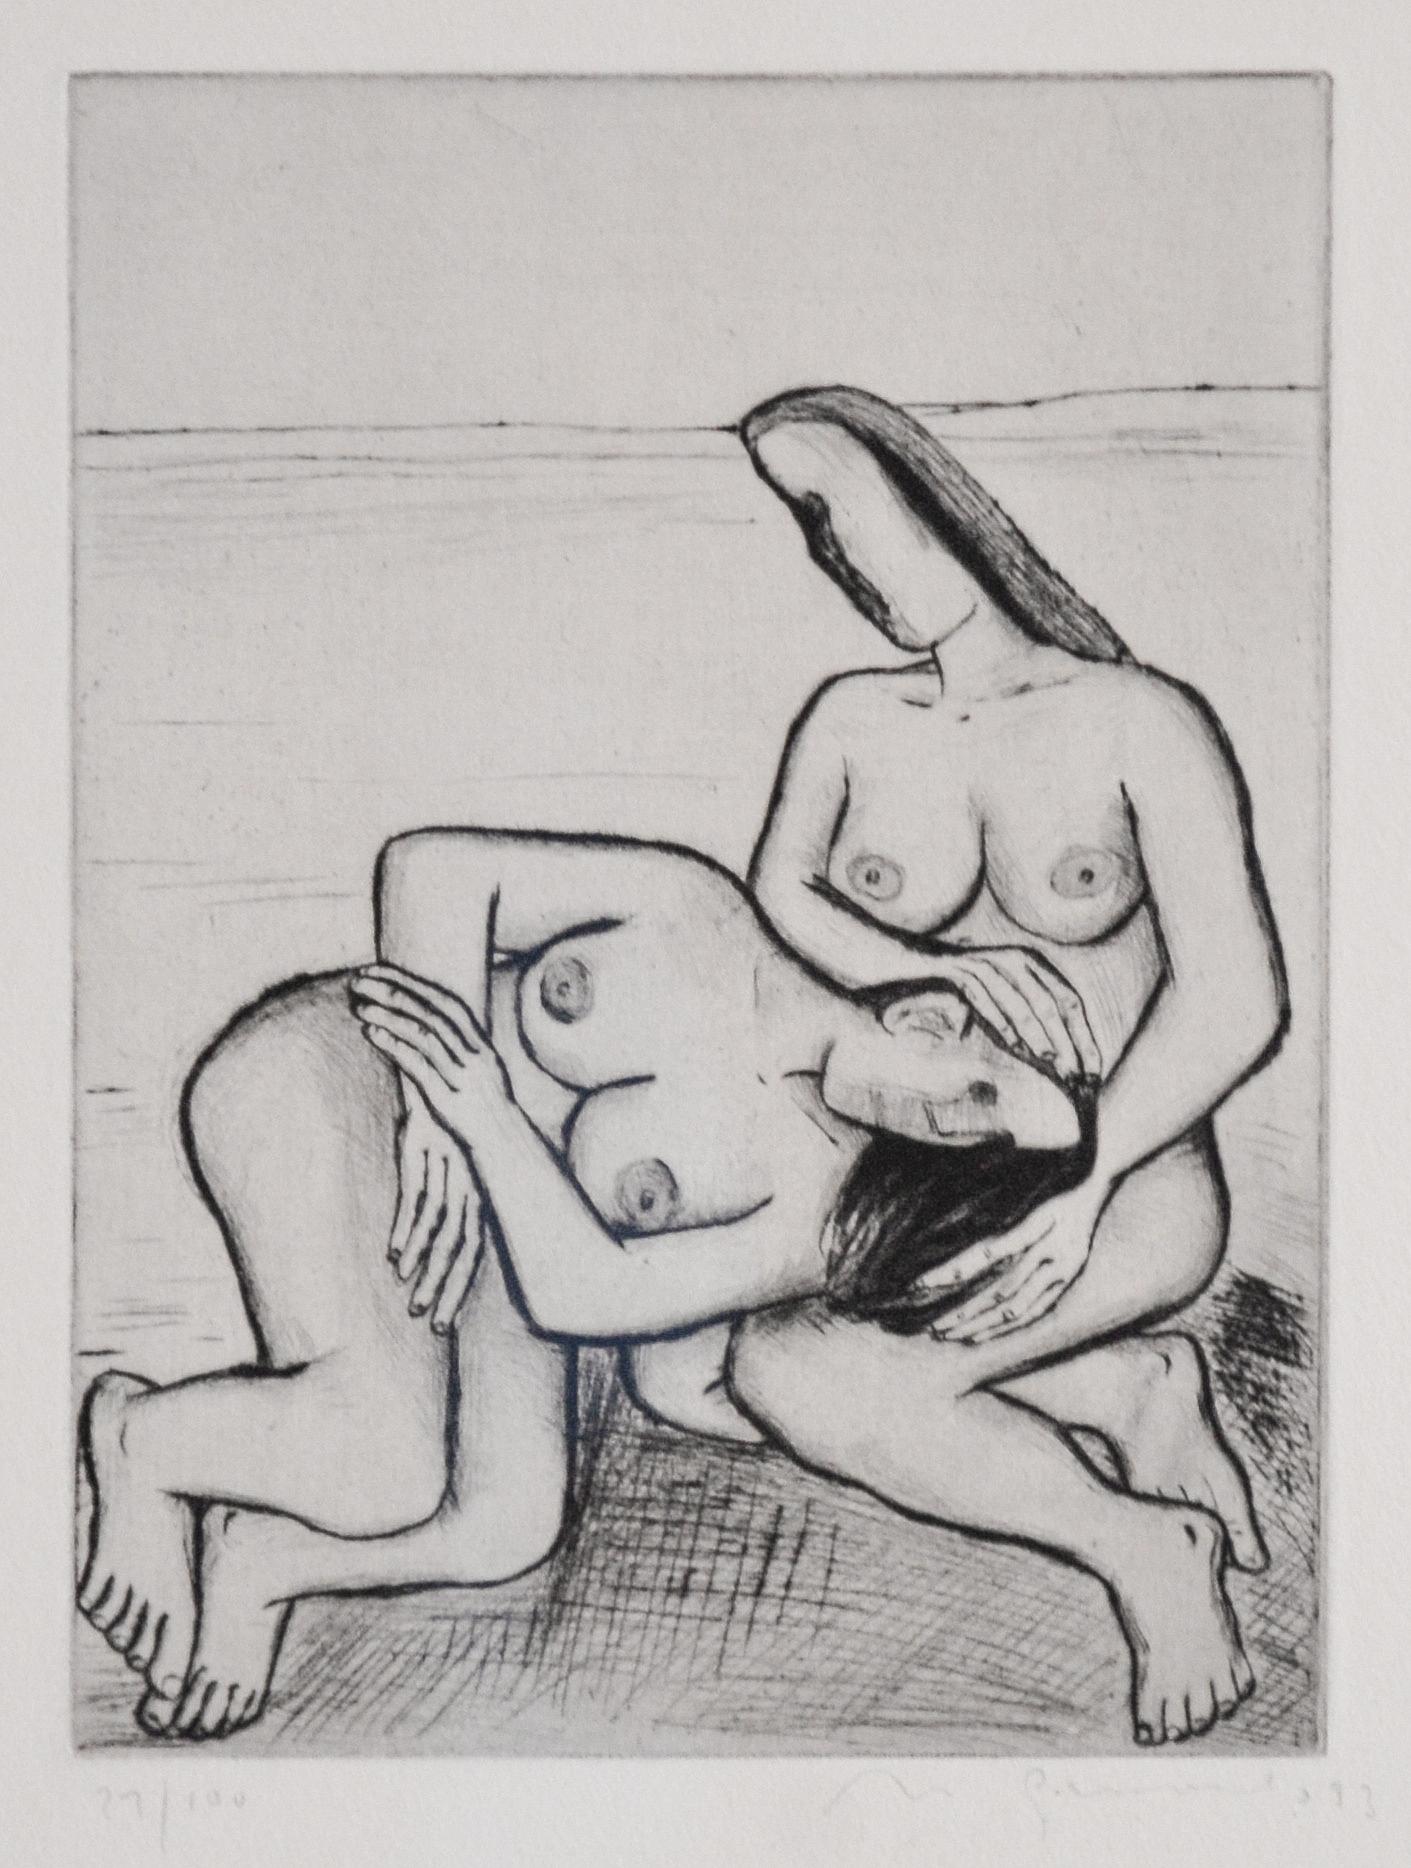 Nuria Quevedo Illustrationen zu Kassandra von Christa Wolf aus Sammlung der Kunsthalle Rostock